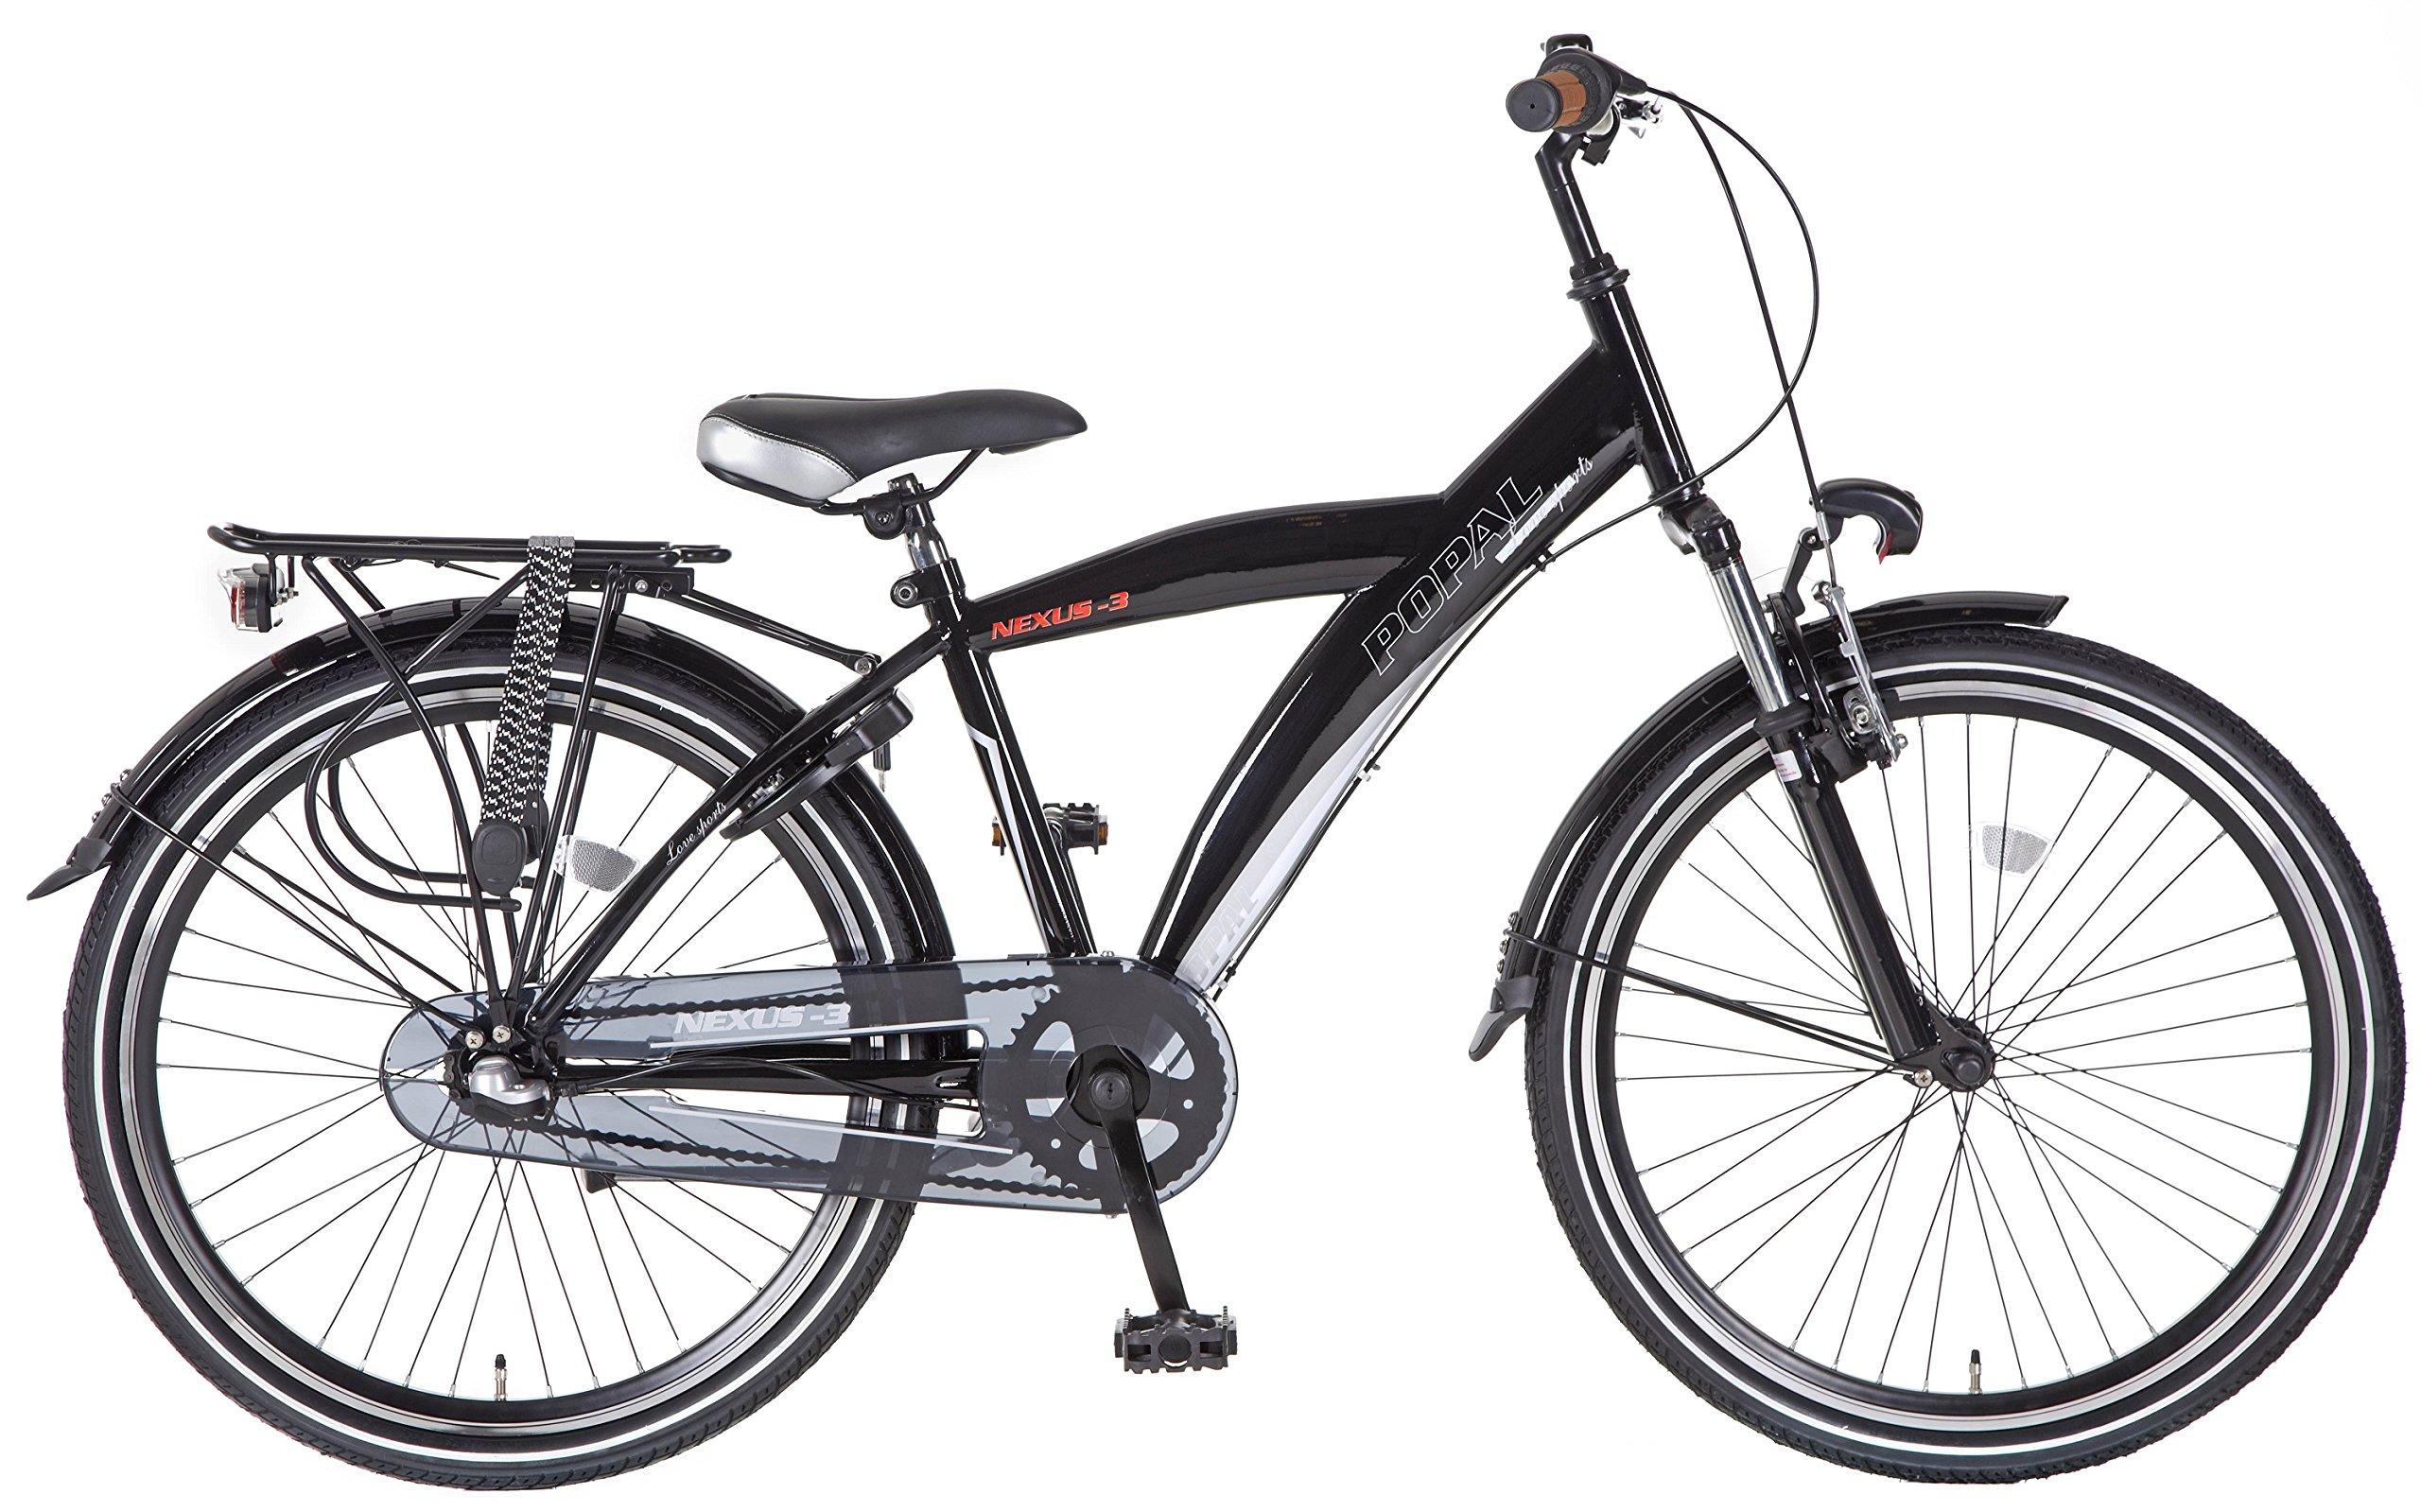 Vélo Enfant Popal Kicks 24 Pouces Shimano Nexus 3 Vitesses Noir 95%  Assemblé- Buy Online in Faroe Islands at faroe.desertcart.com. ProductId :  49582370.